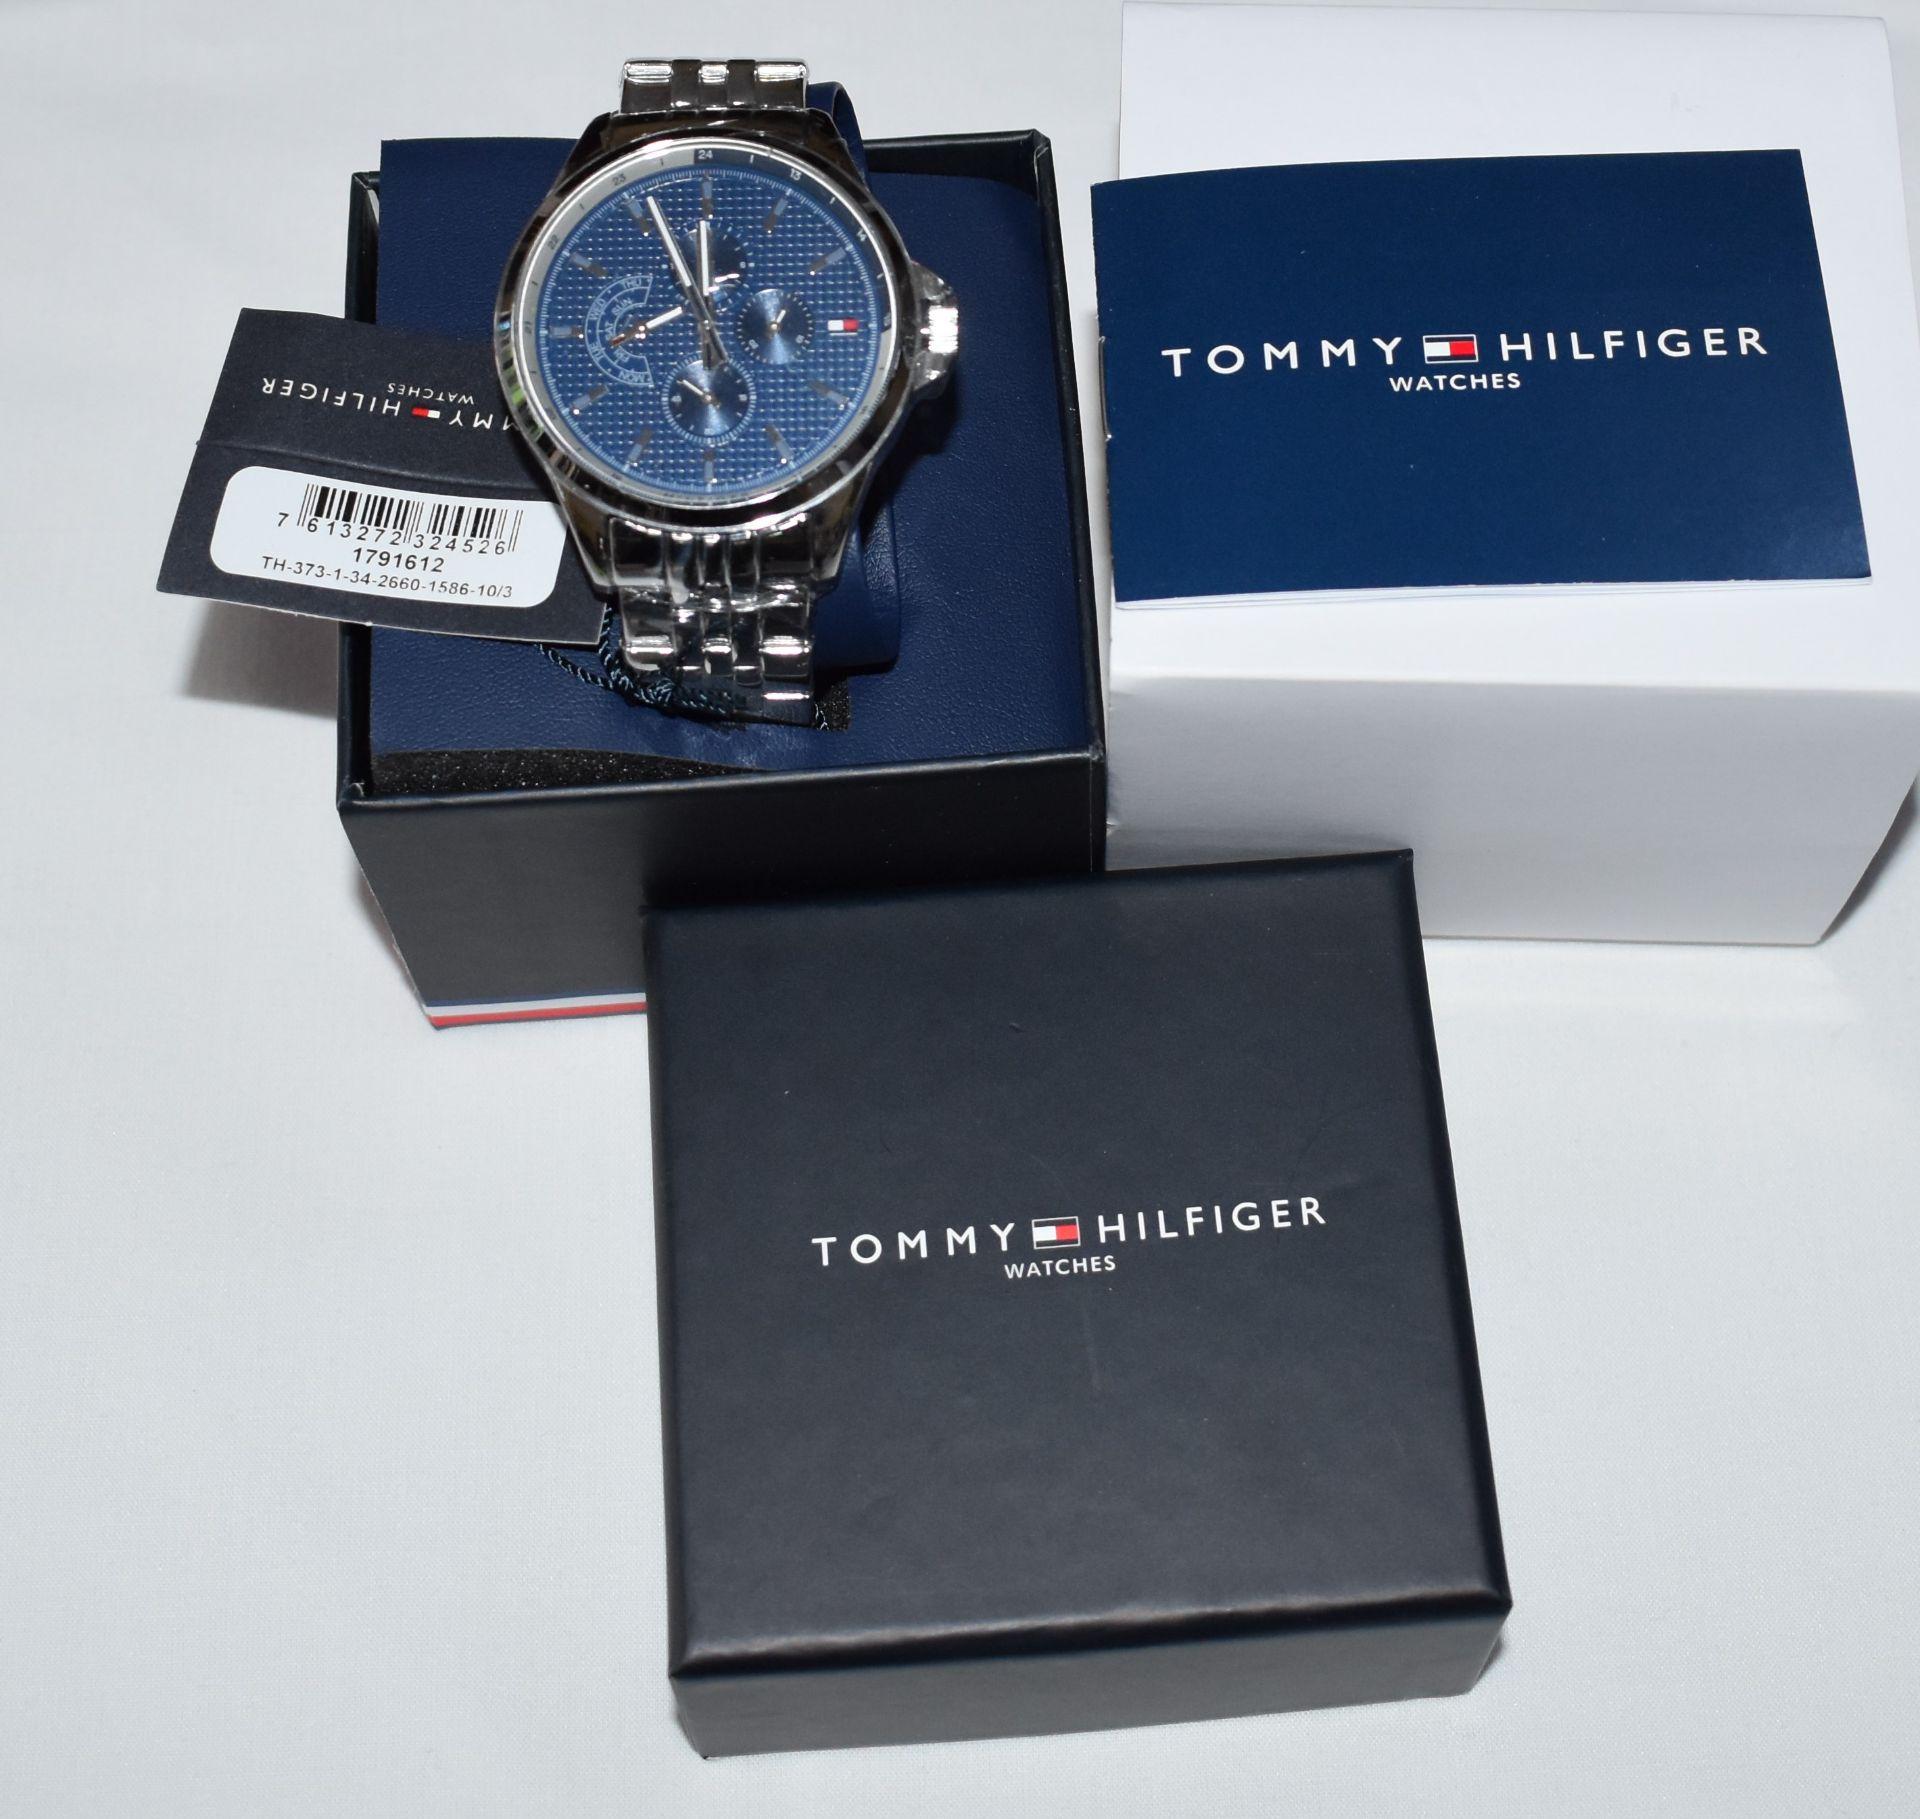 Tommy Hilfiger Men's Watch 1791612